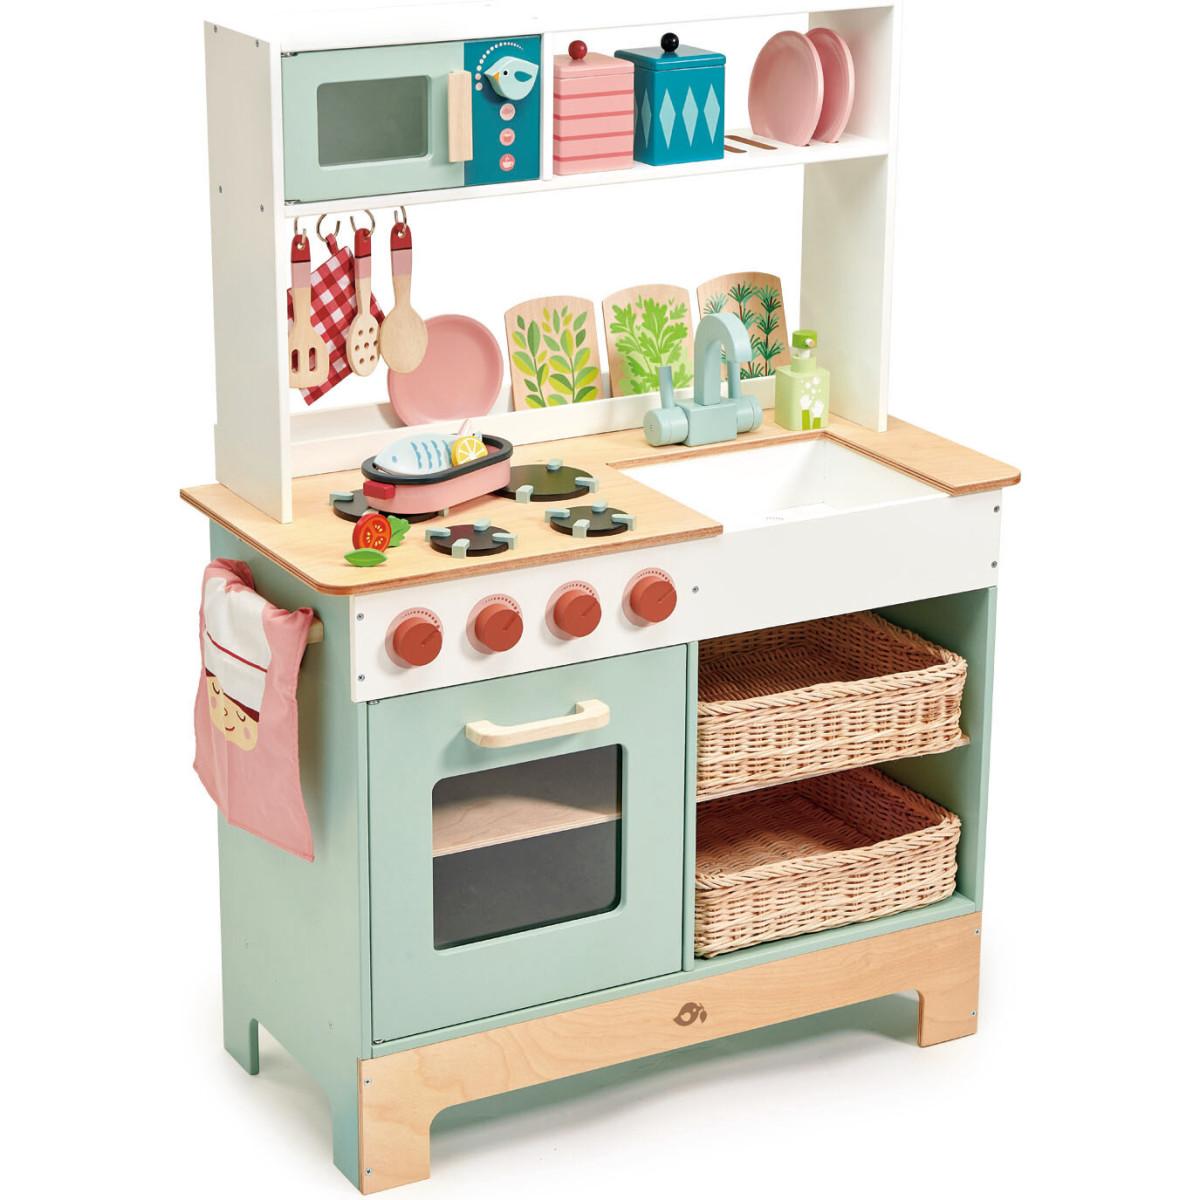 Best Nostalgic Wooden Play Kitchen